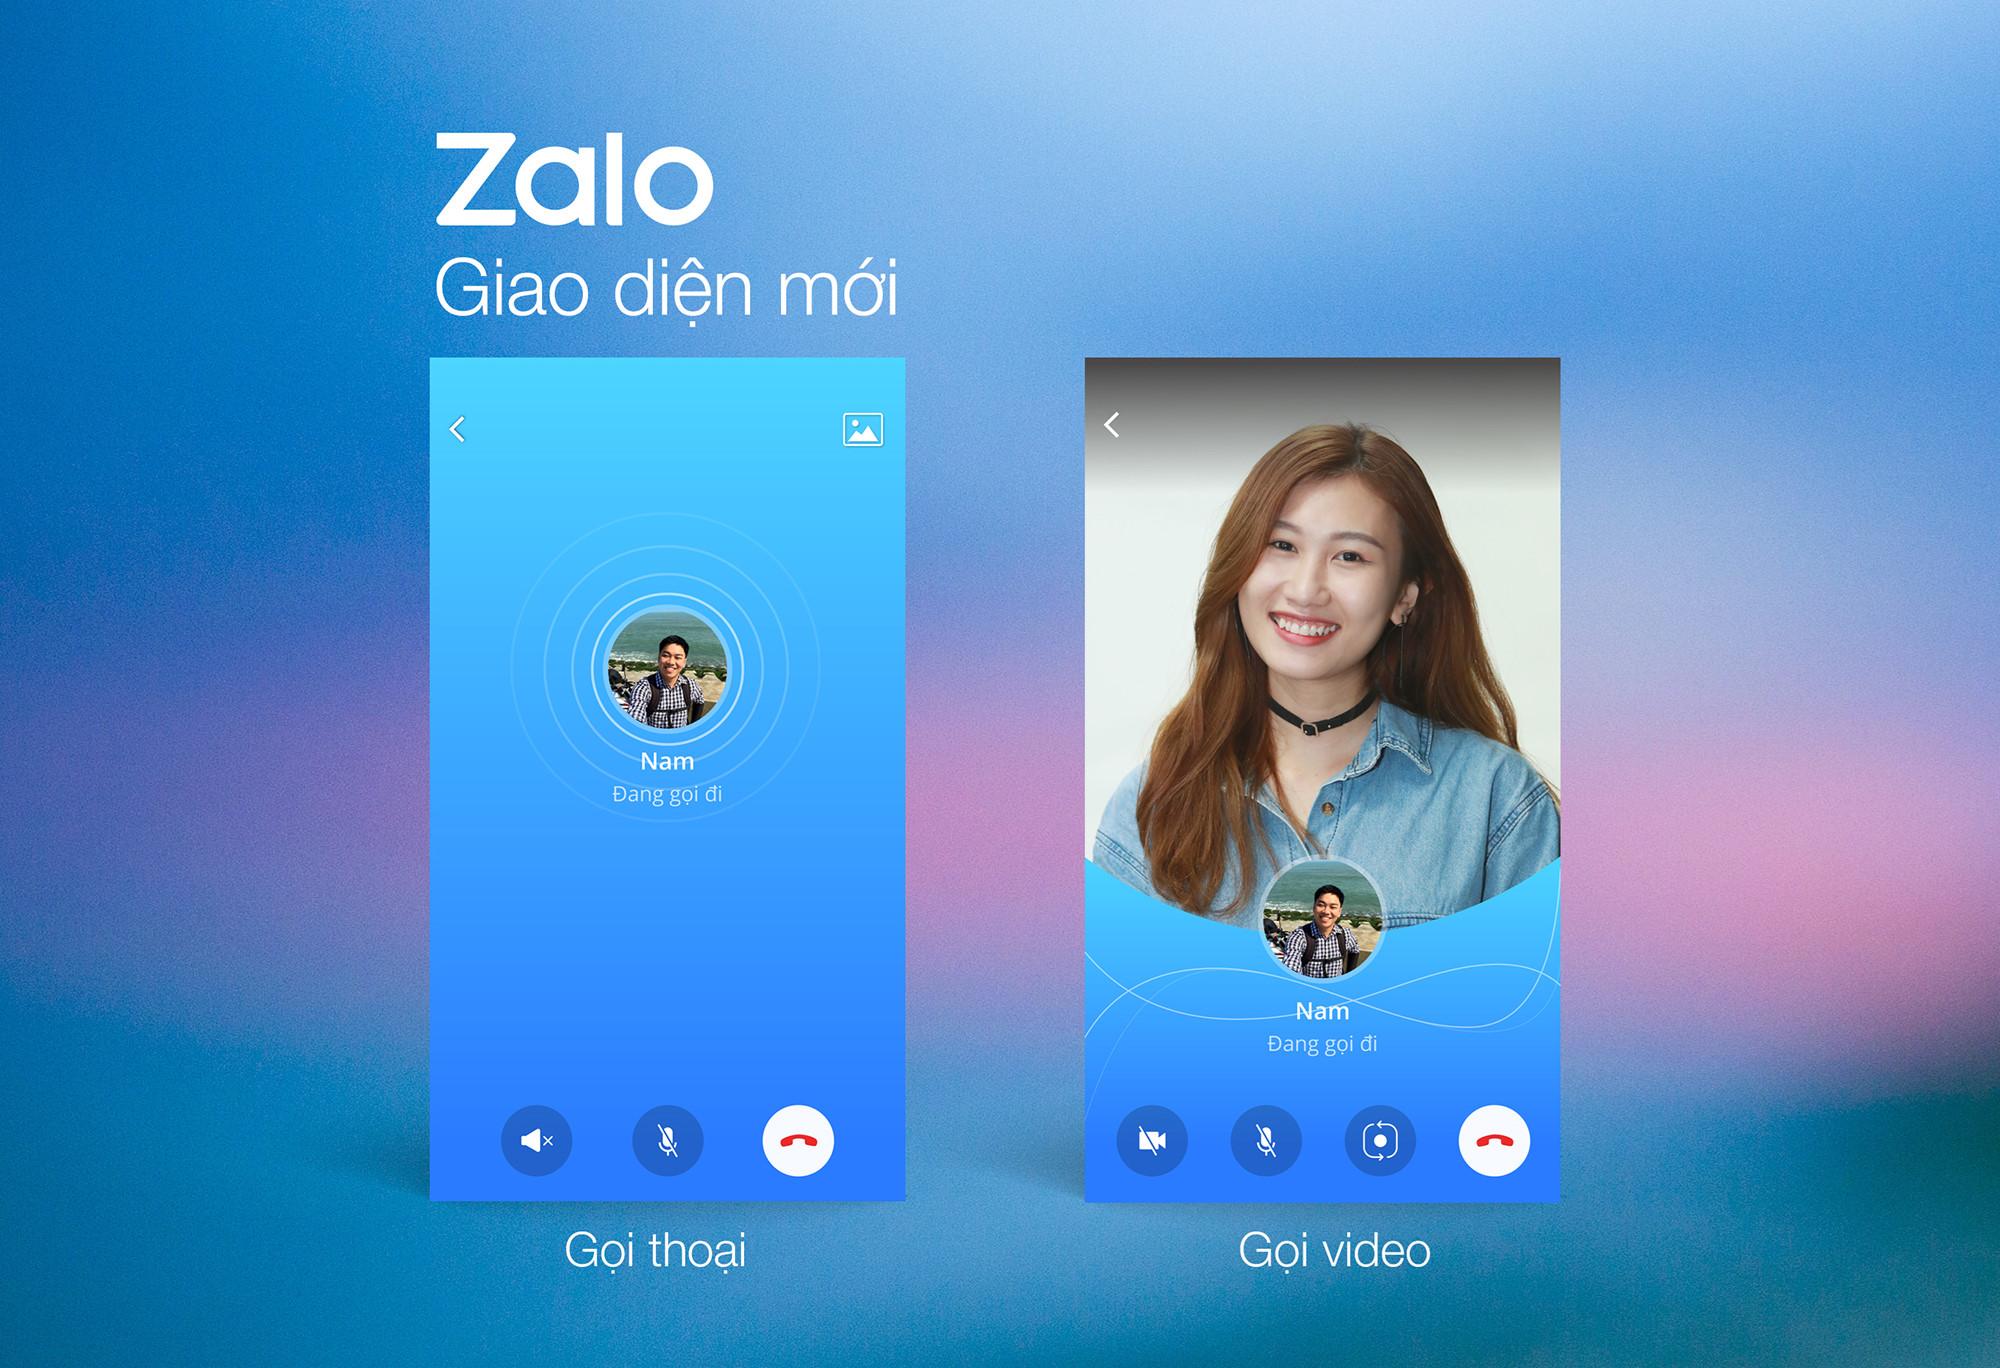 Zalo đổi diện mạo mới cho cuộc gọi thoại và video